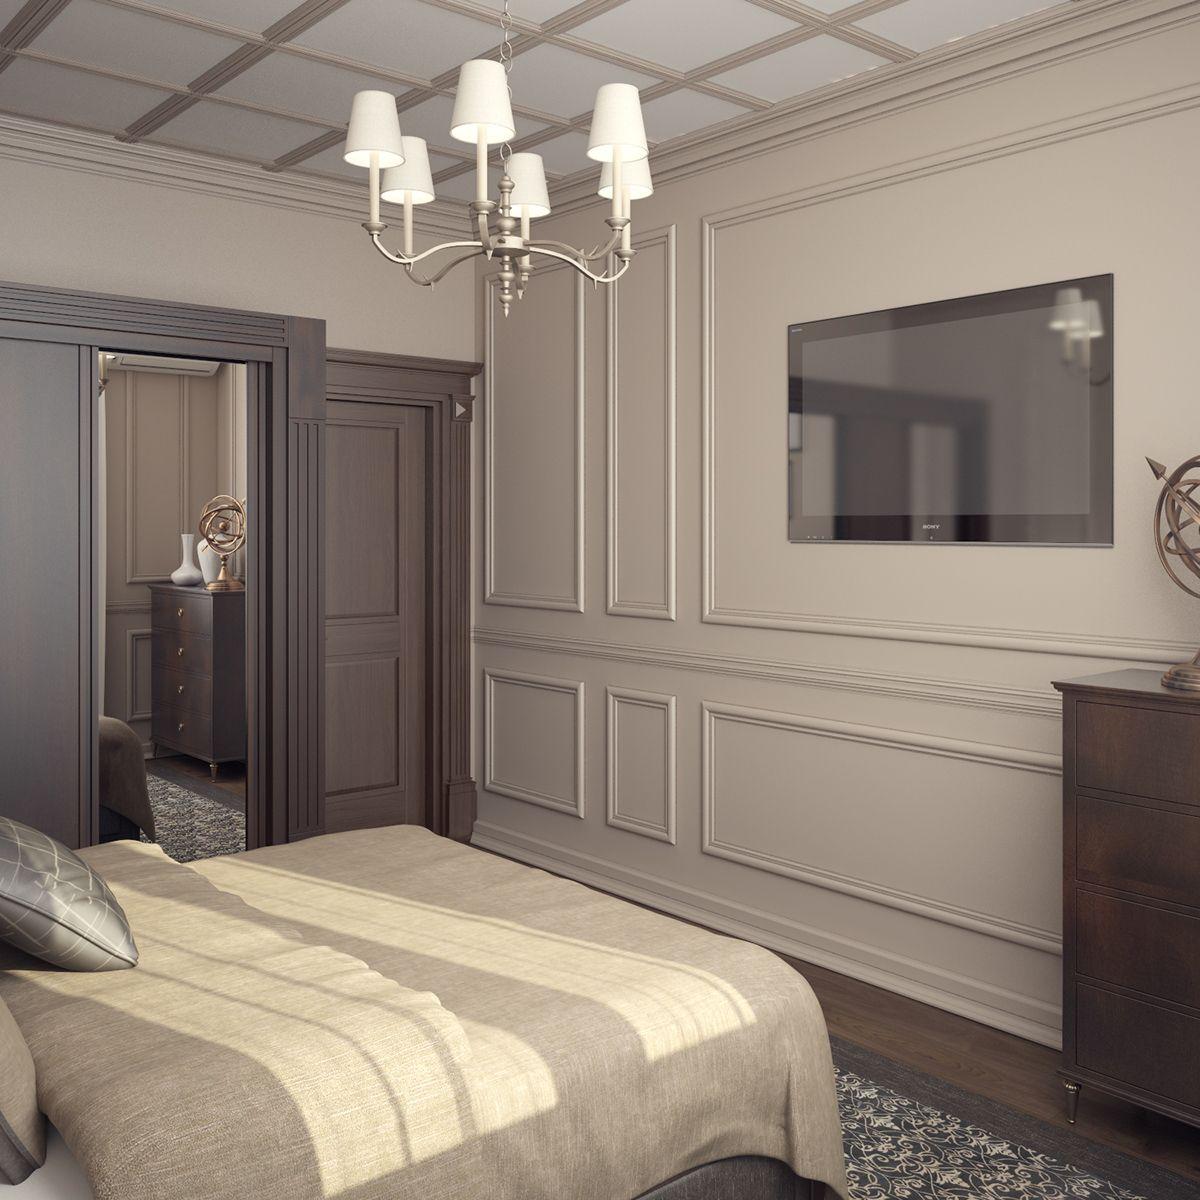 Нежная спальня в классическом стиле 1 Pinterest